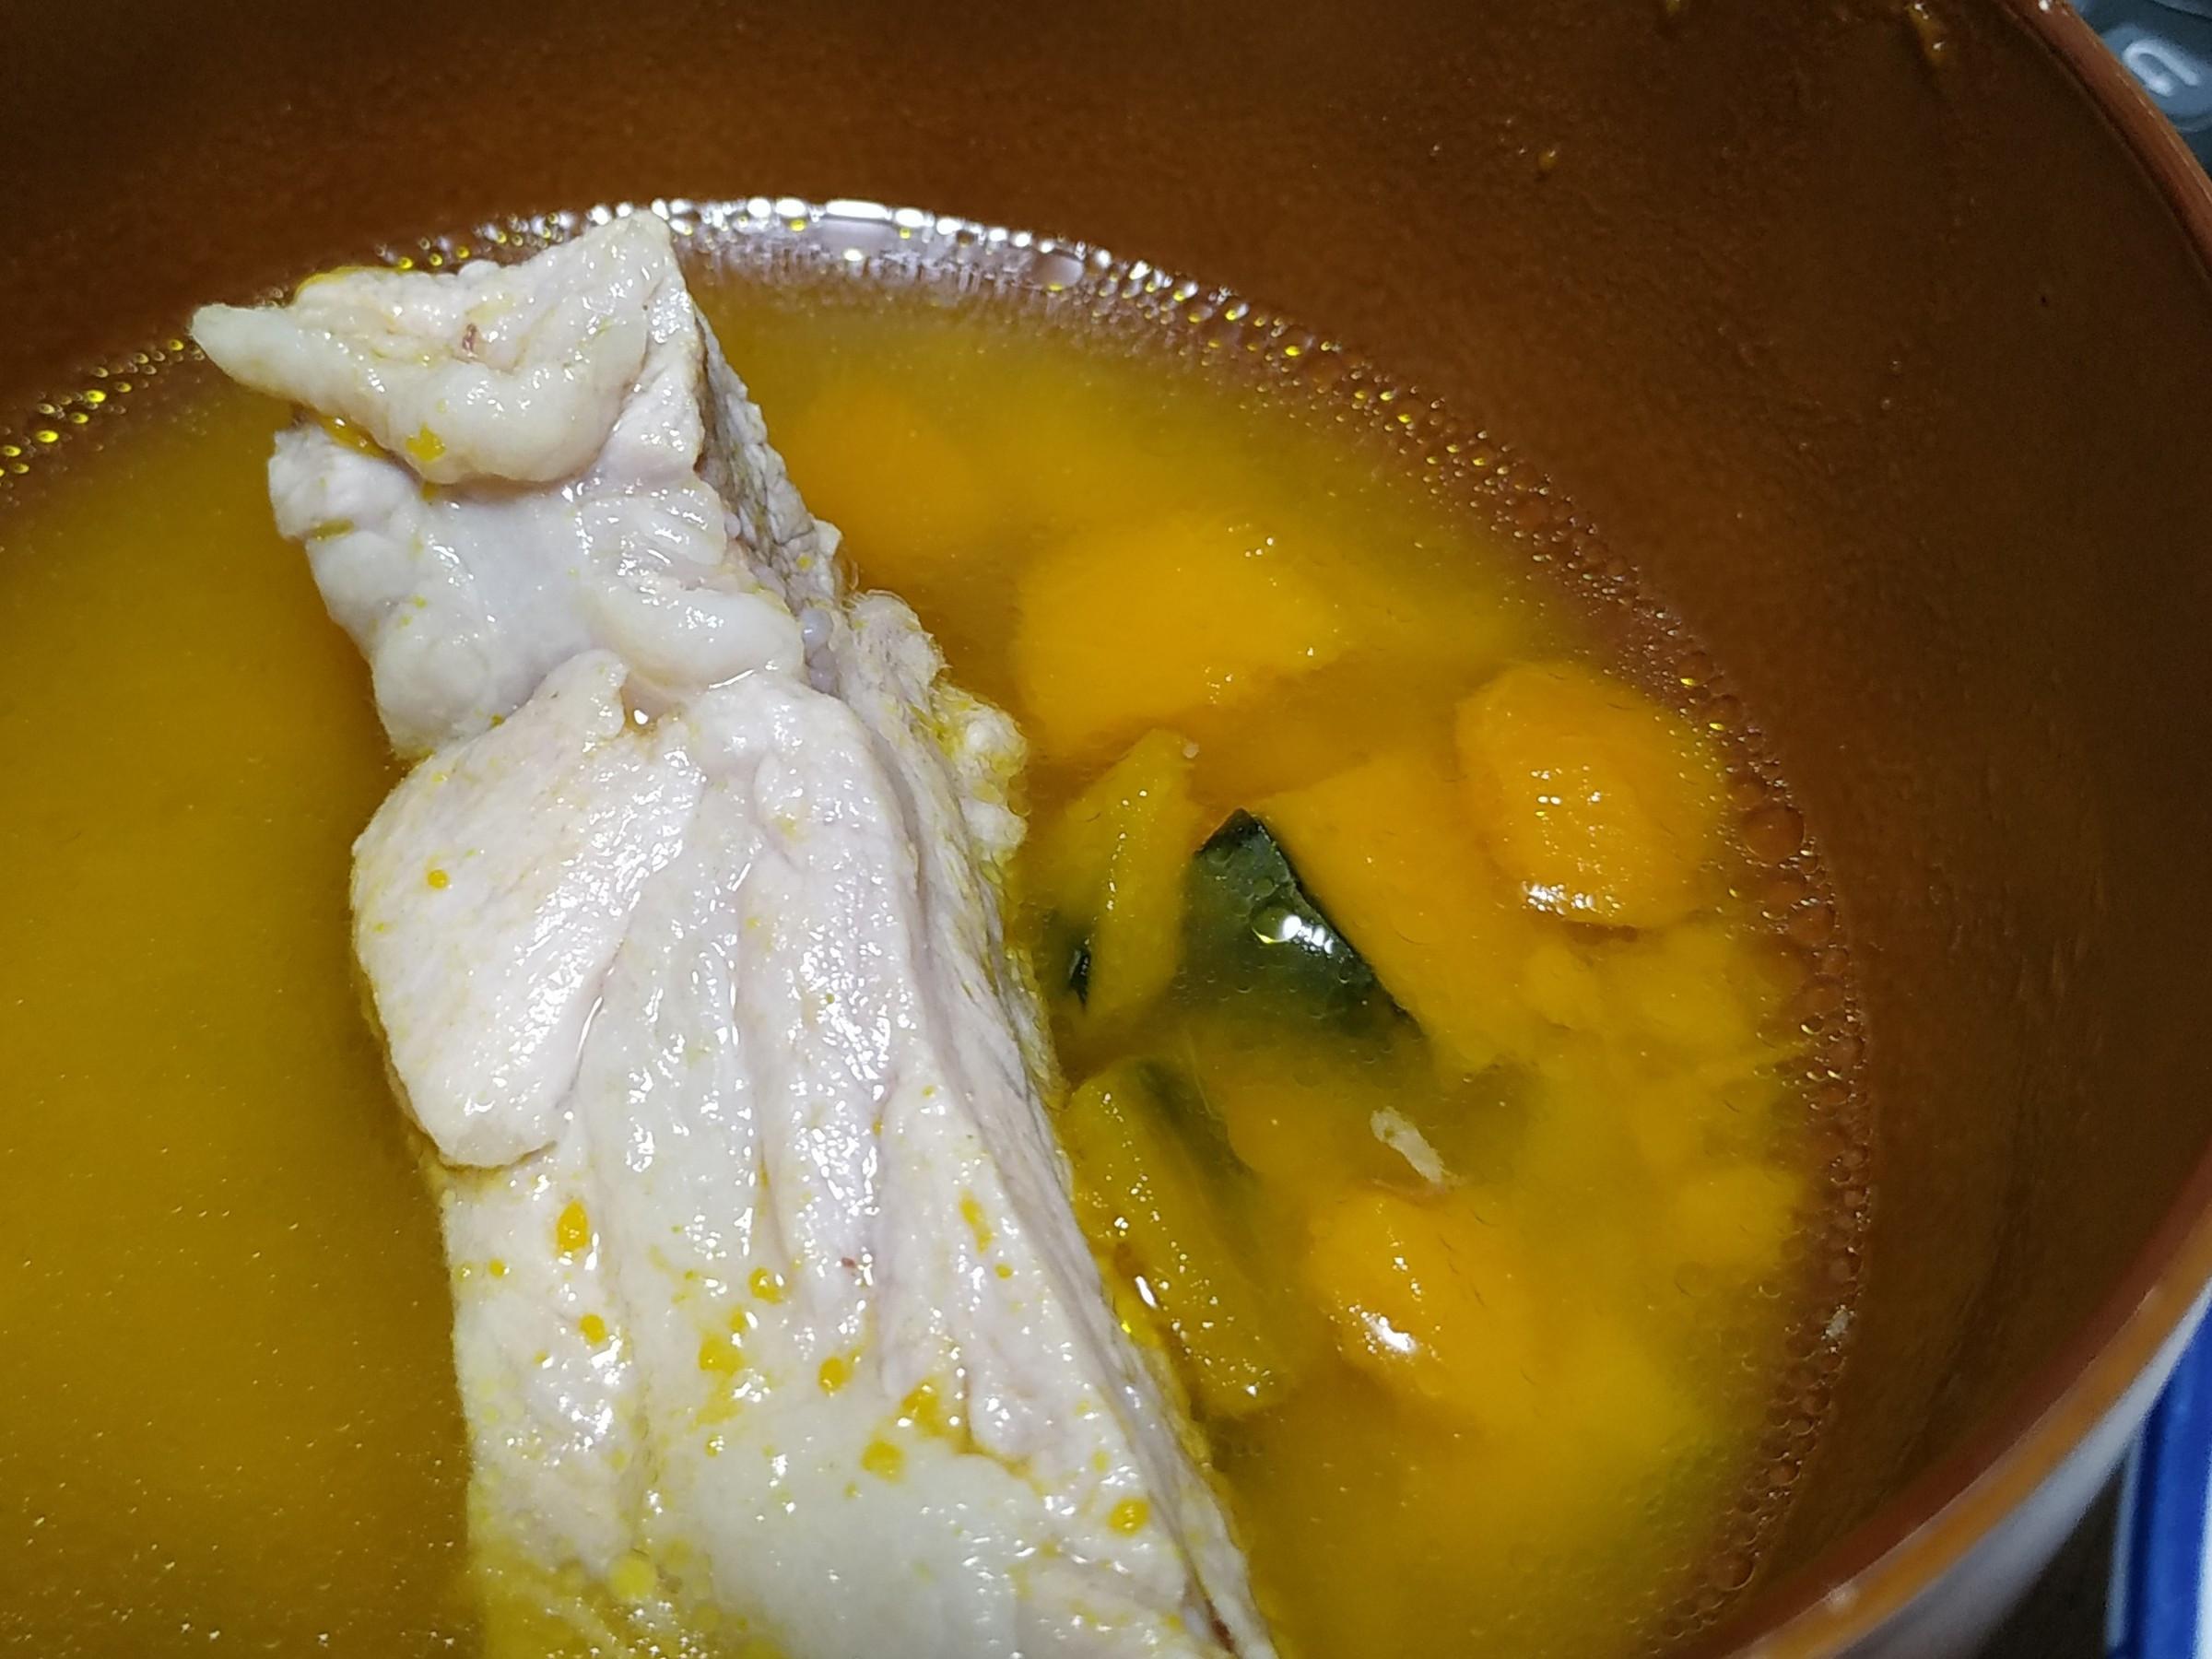 快速消耗南瓜之樸實無華暖心南瓜排骨湯